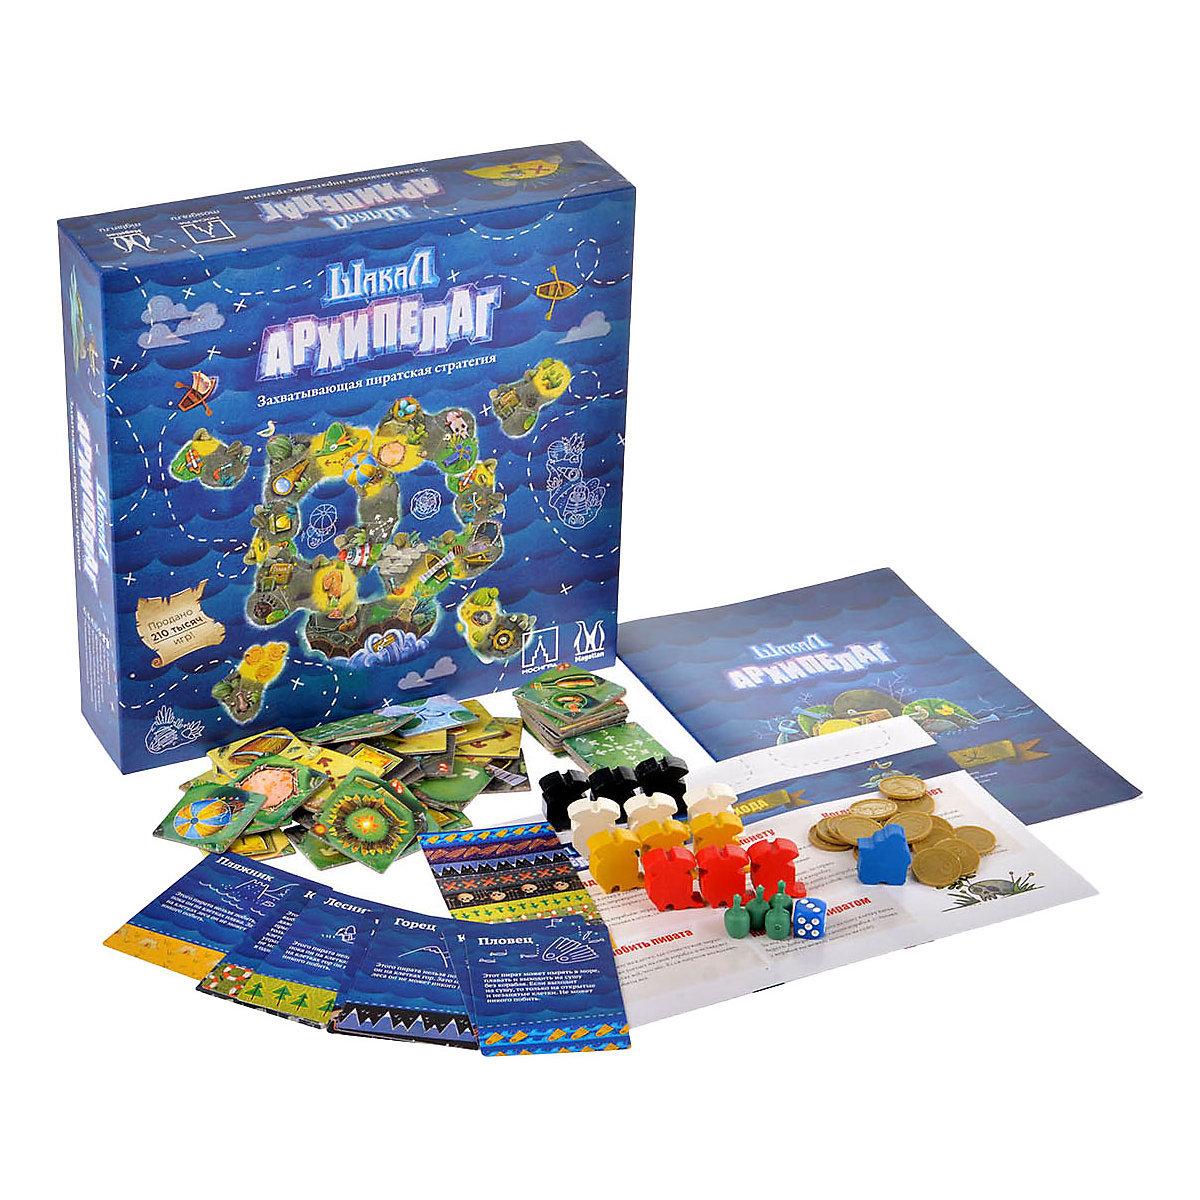 Настольная игра Шакал: Архипелаг. Издание 2020 - комплектация